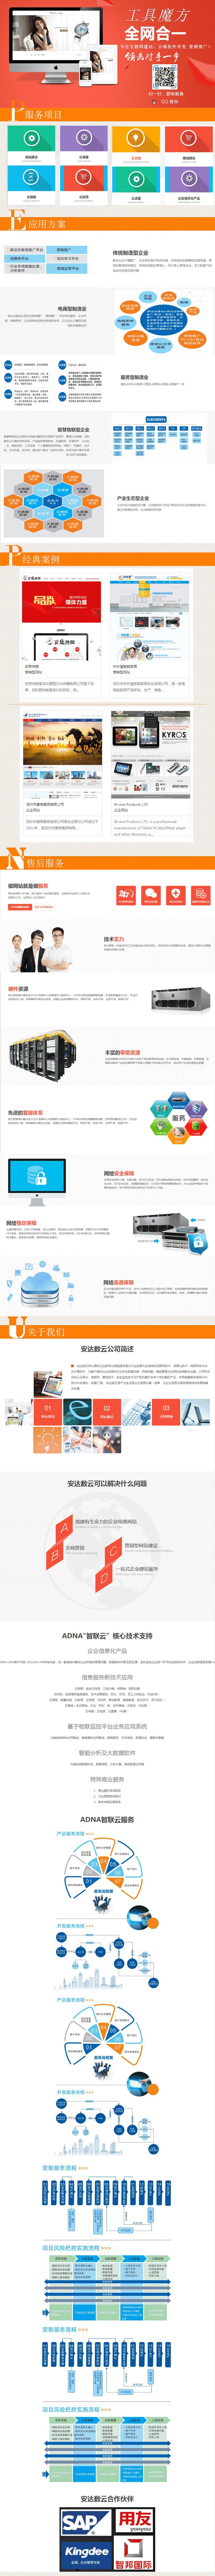 中地安达工具魔方专注互联网建站云端软件开发营销推广